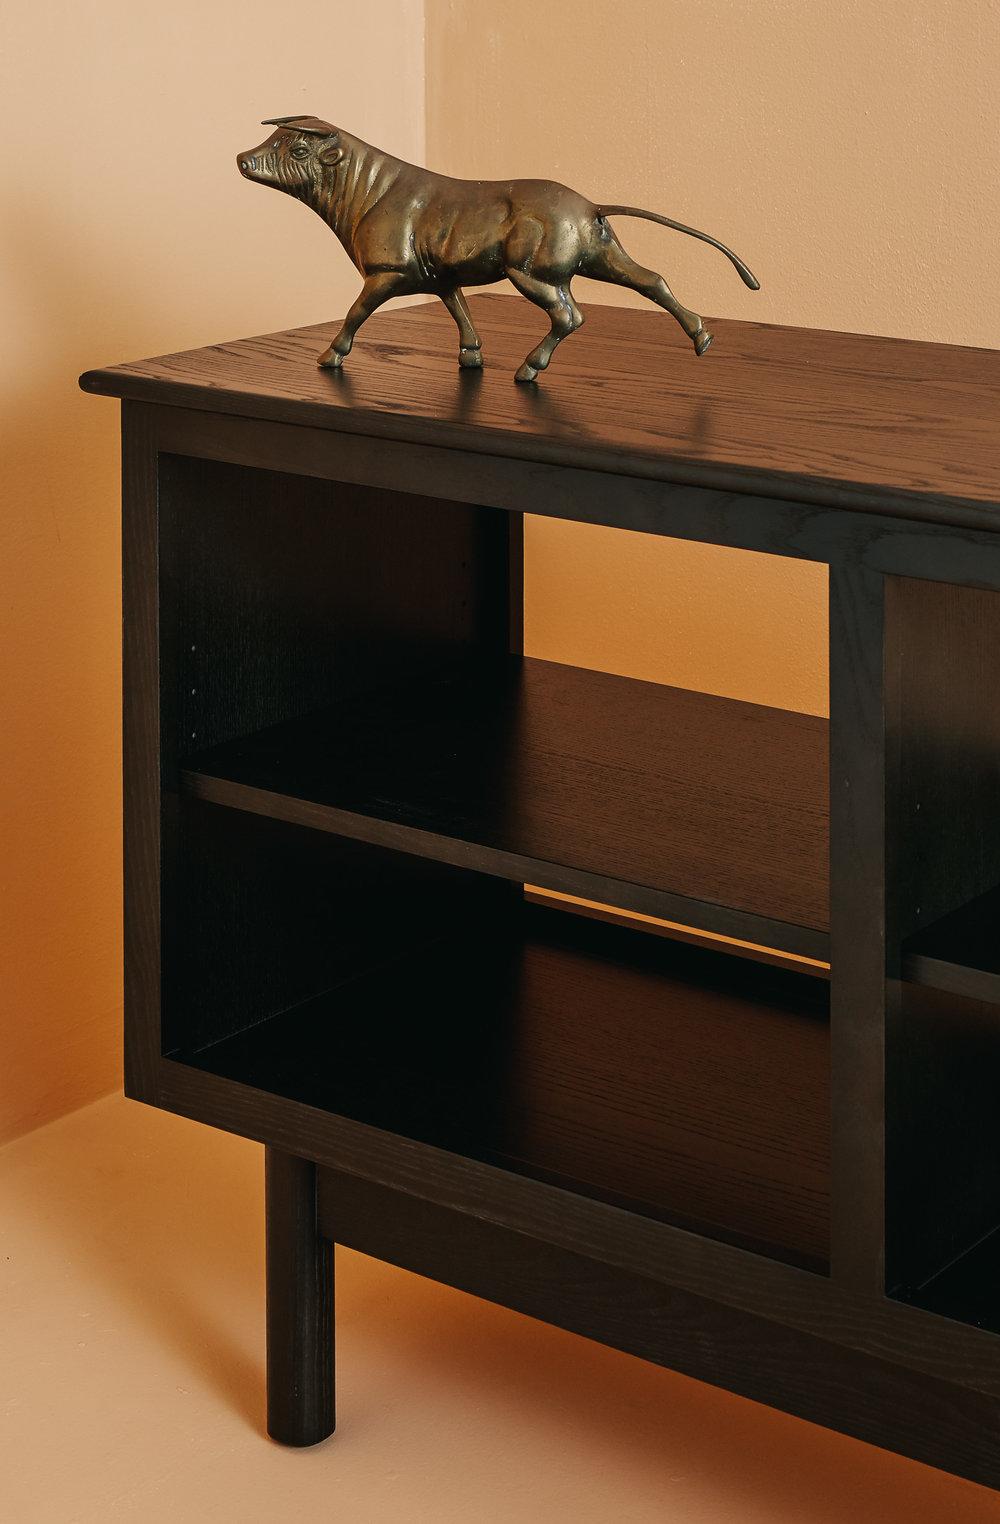 bff bernie small bookcase credenza solid ash black.jpg